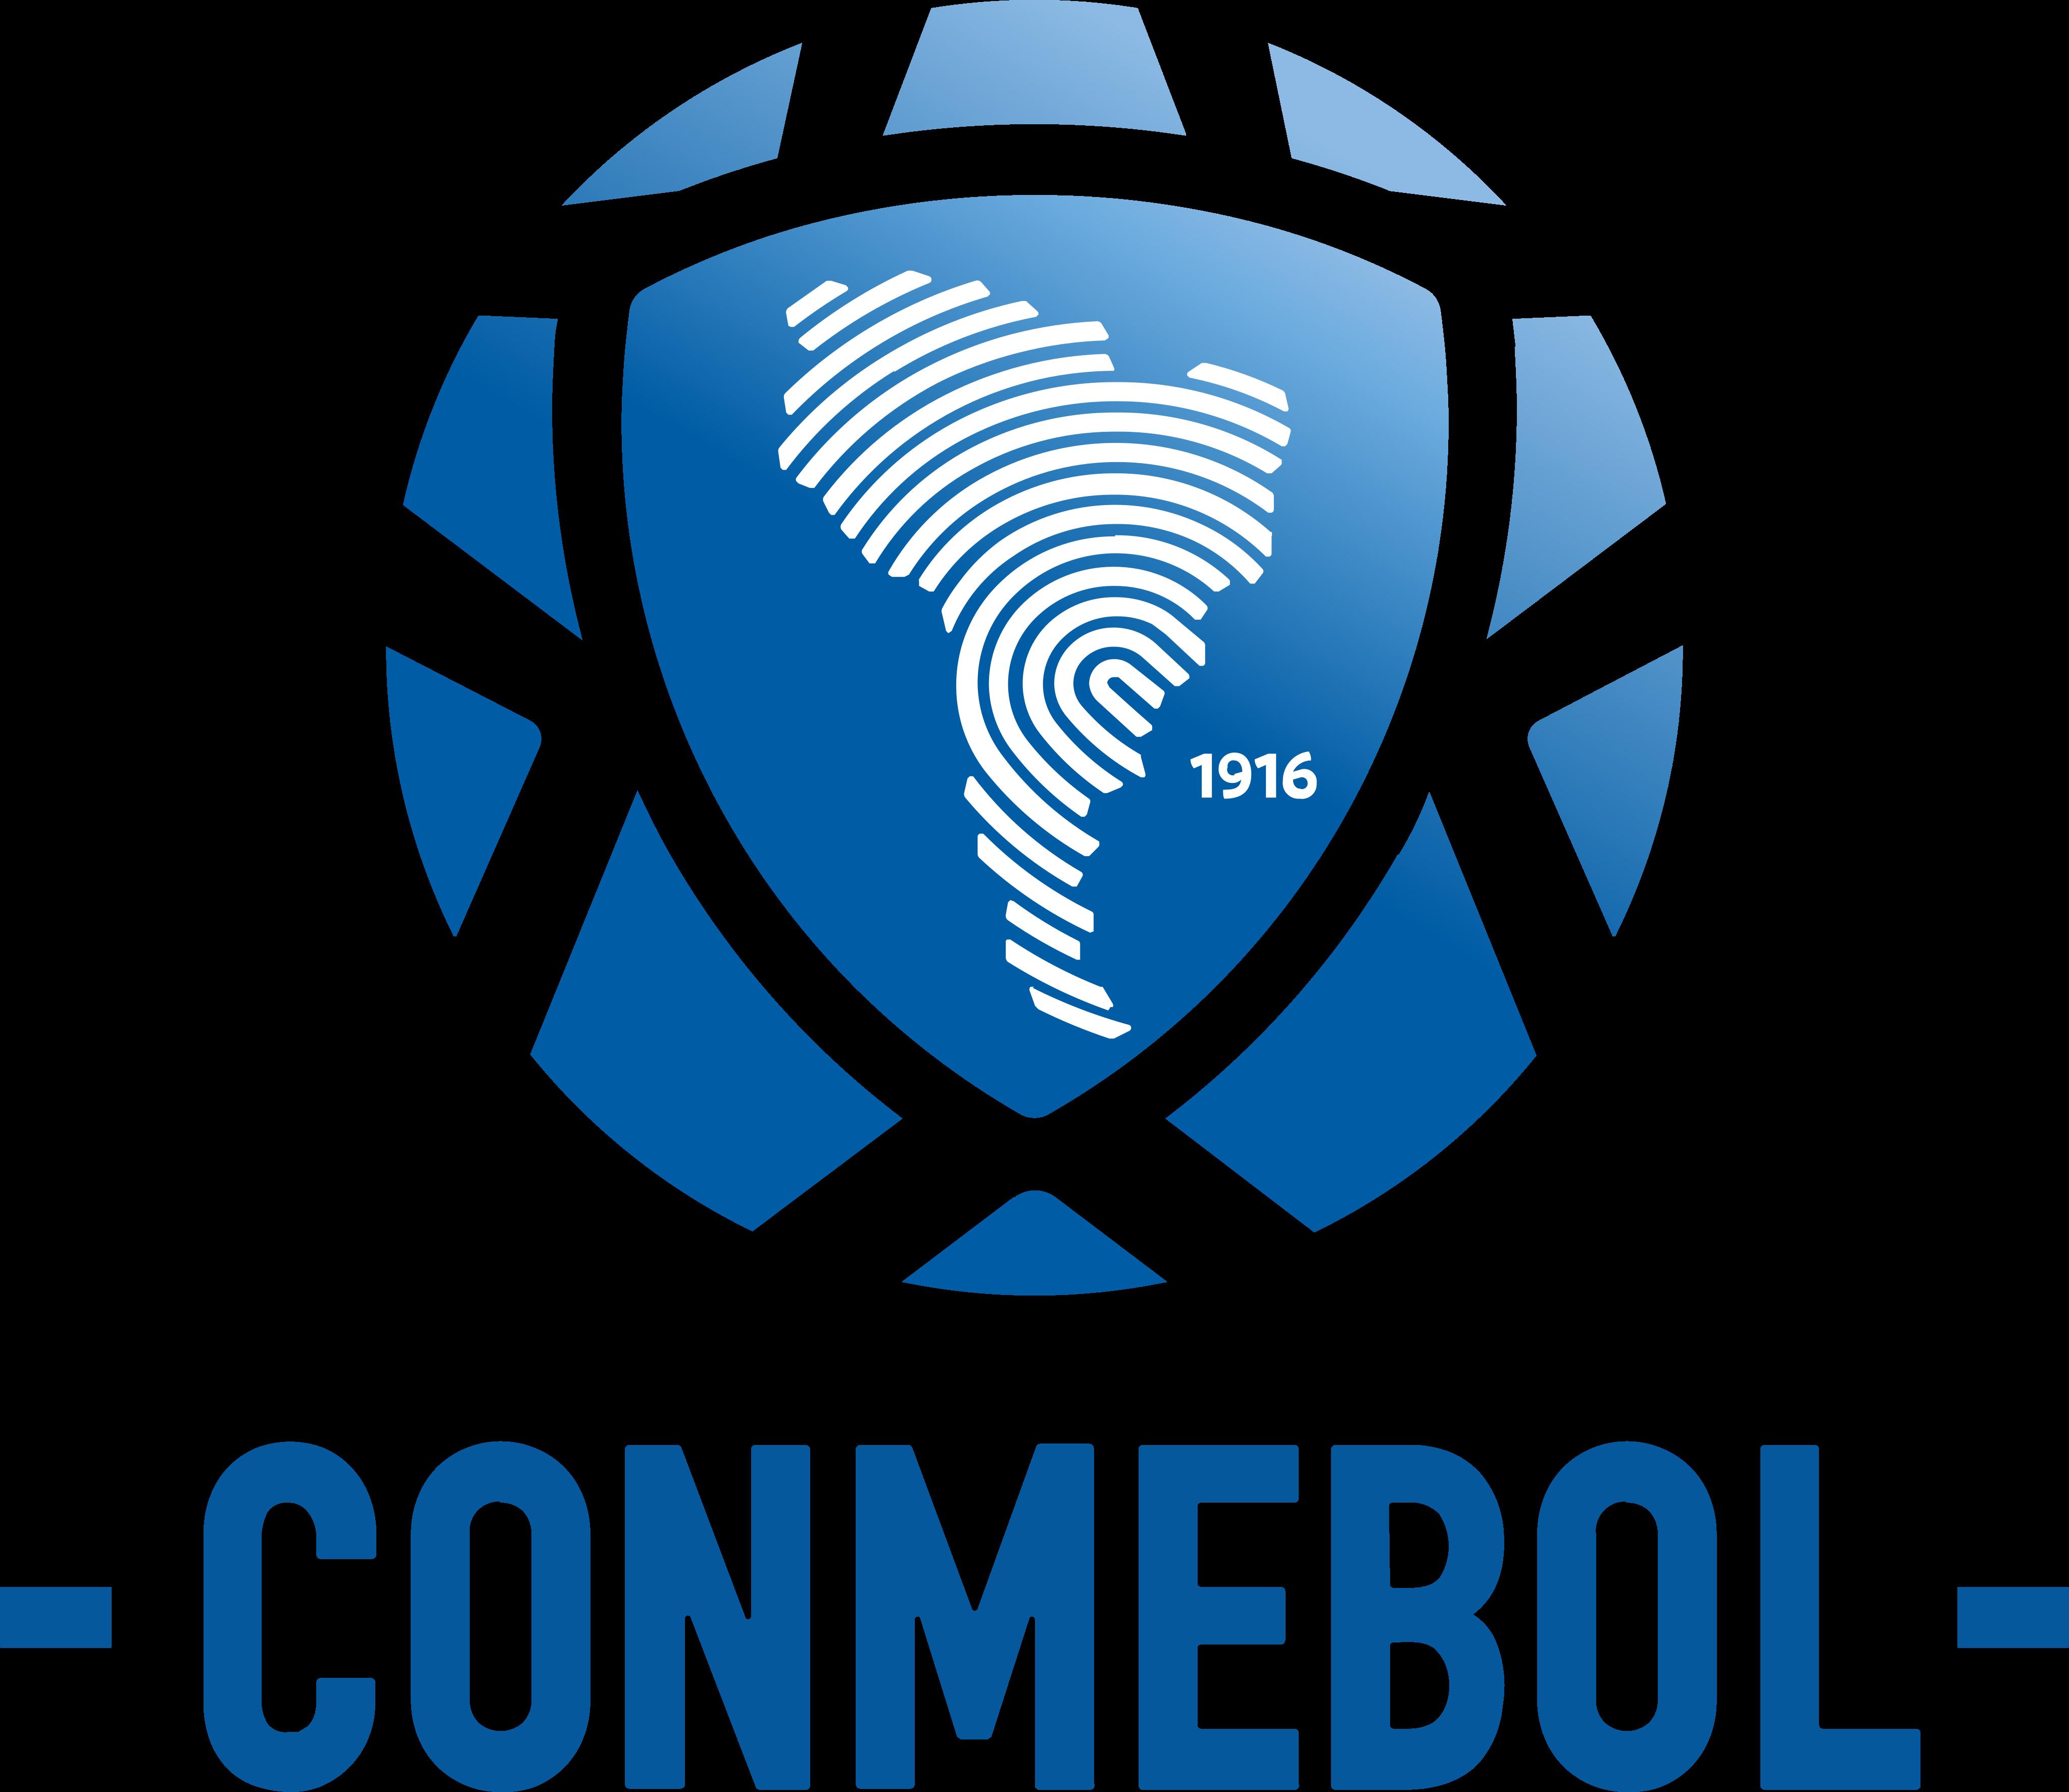 conmebol logo - CONMEBOL Logo